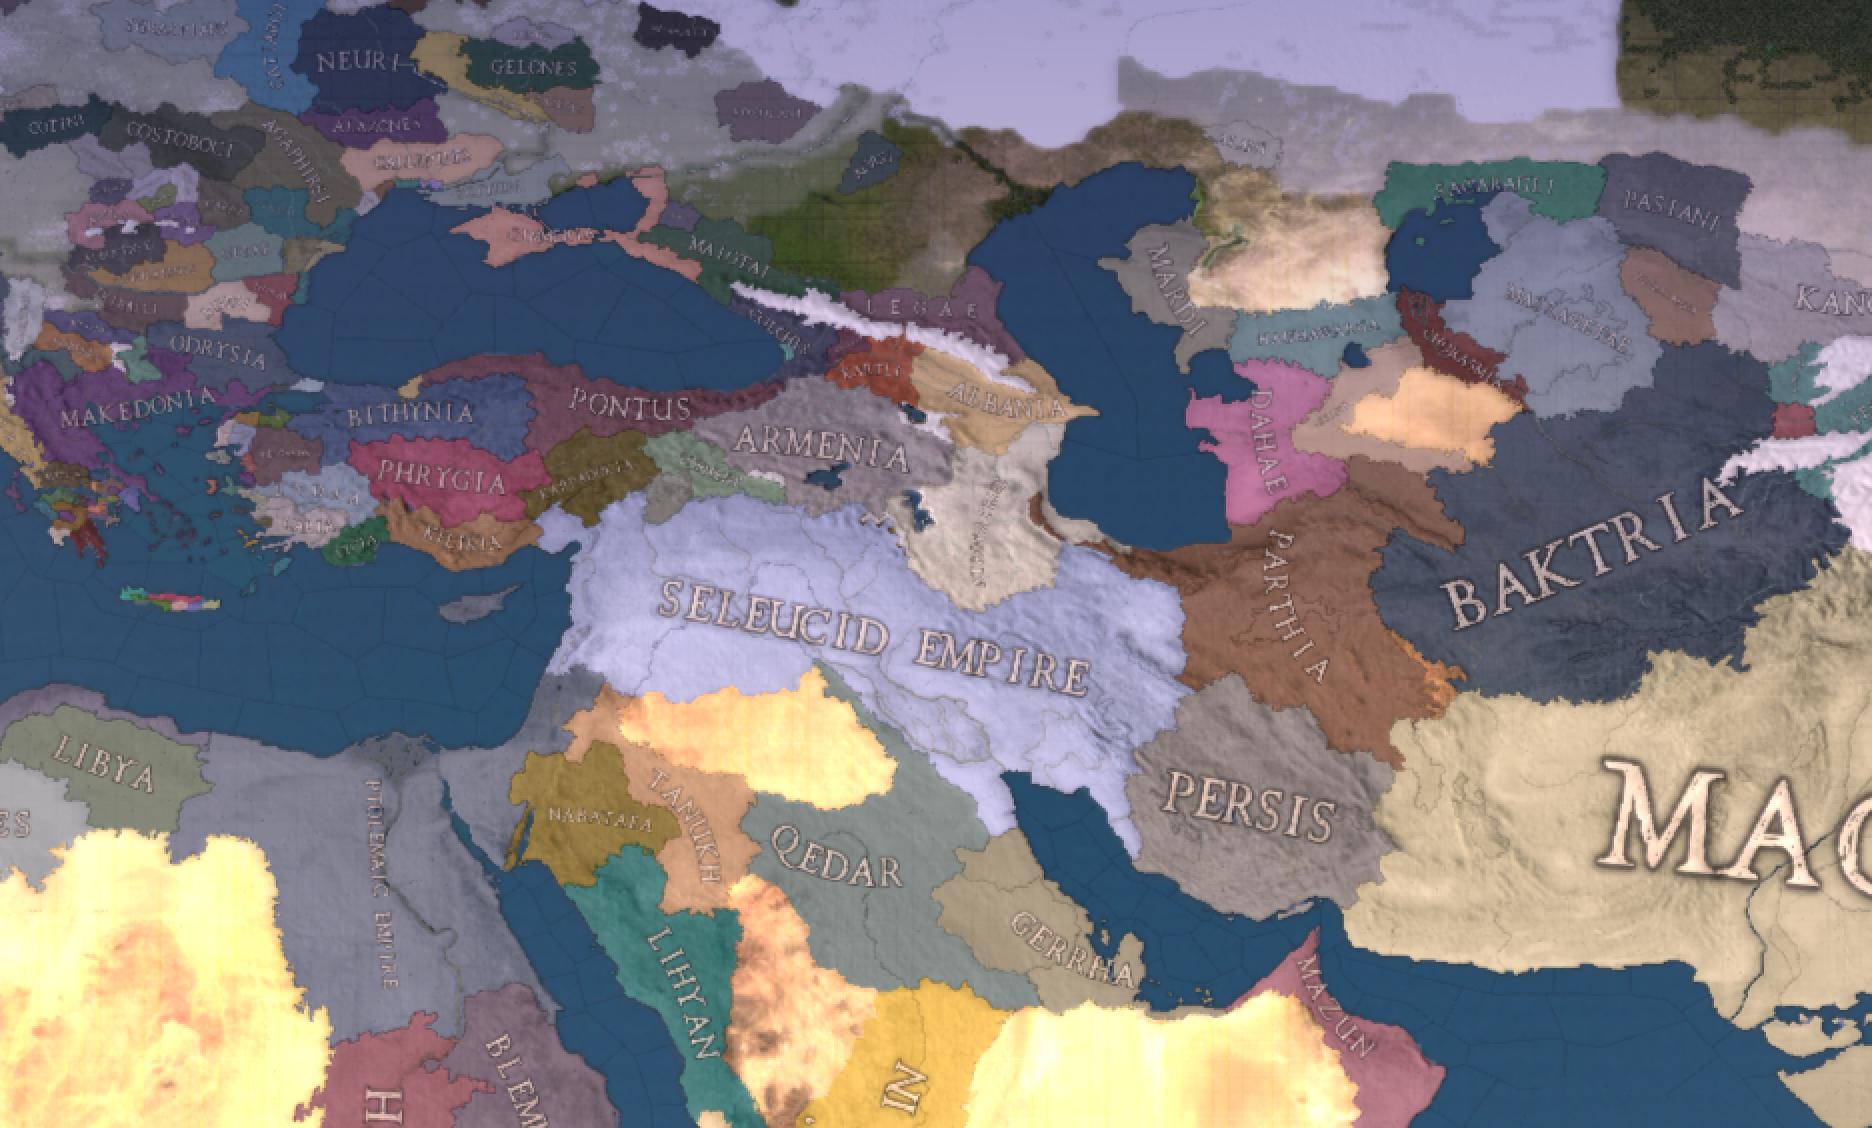 Senātus Populusque Rōmānus: An EU4 Imperium Universalis AAR